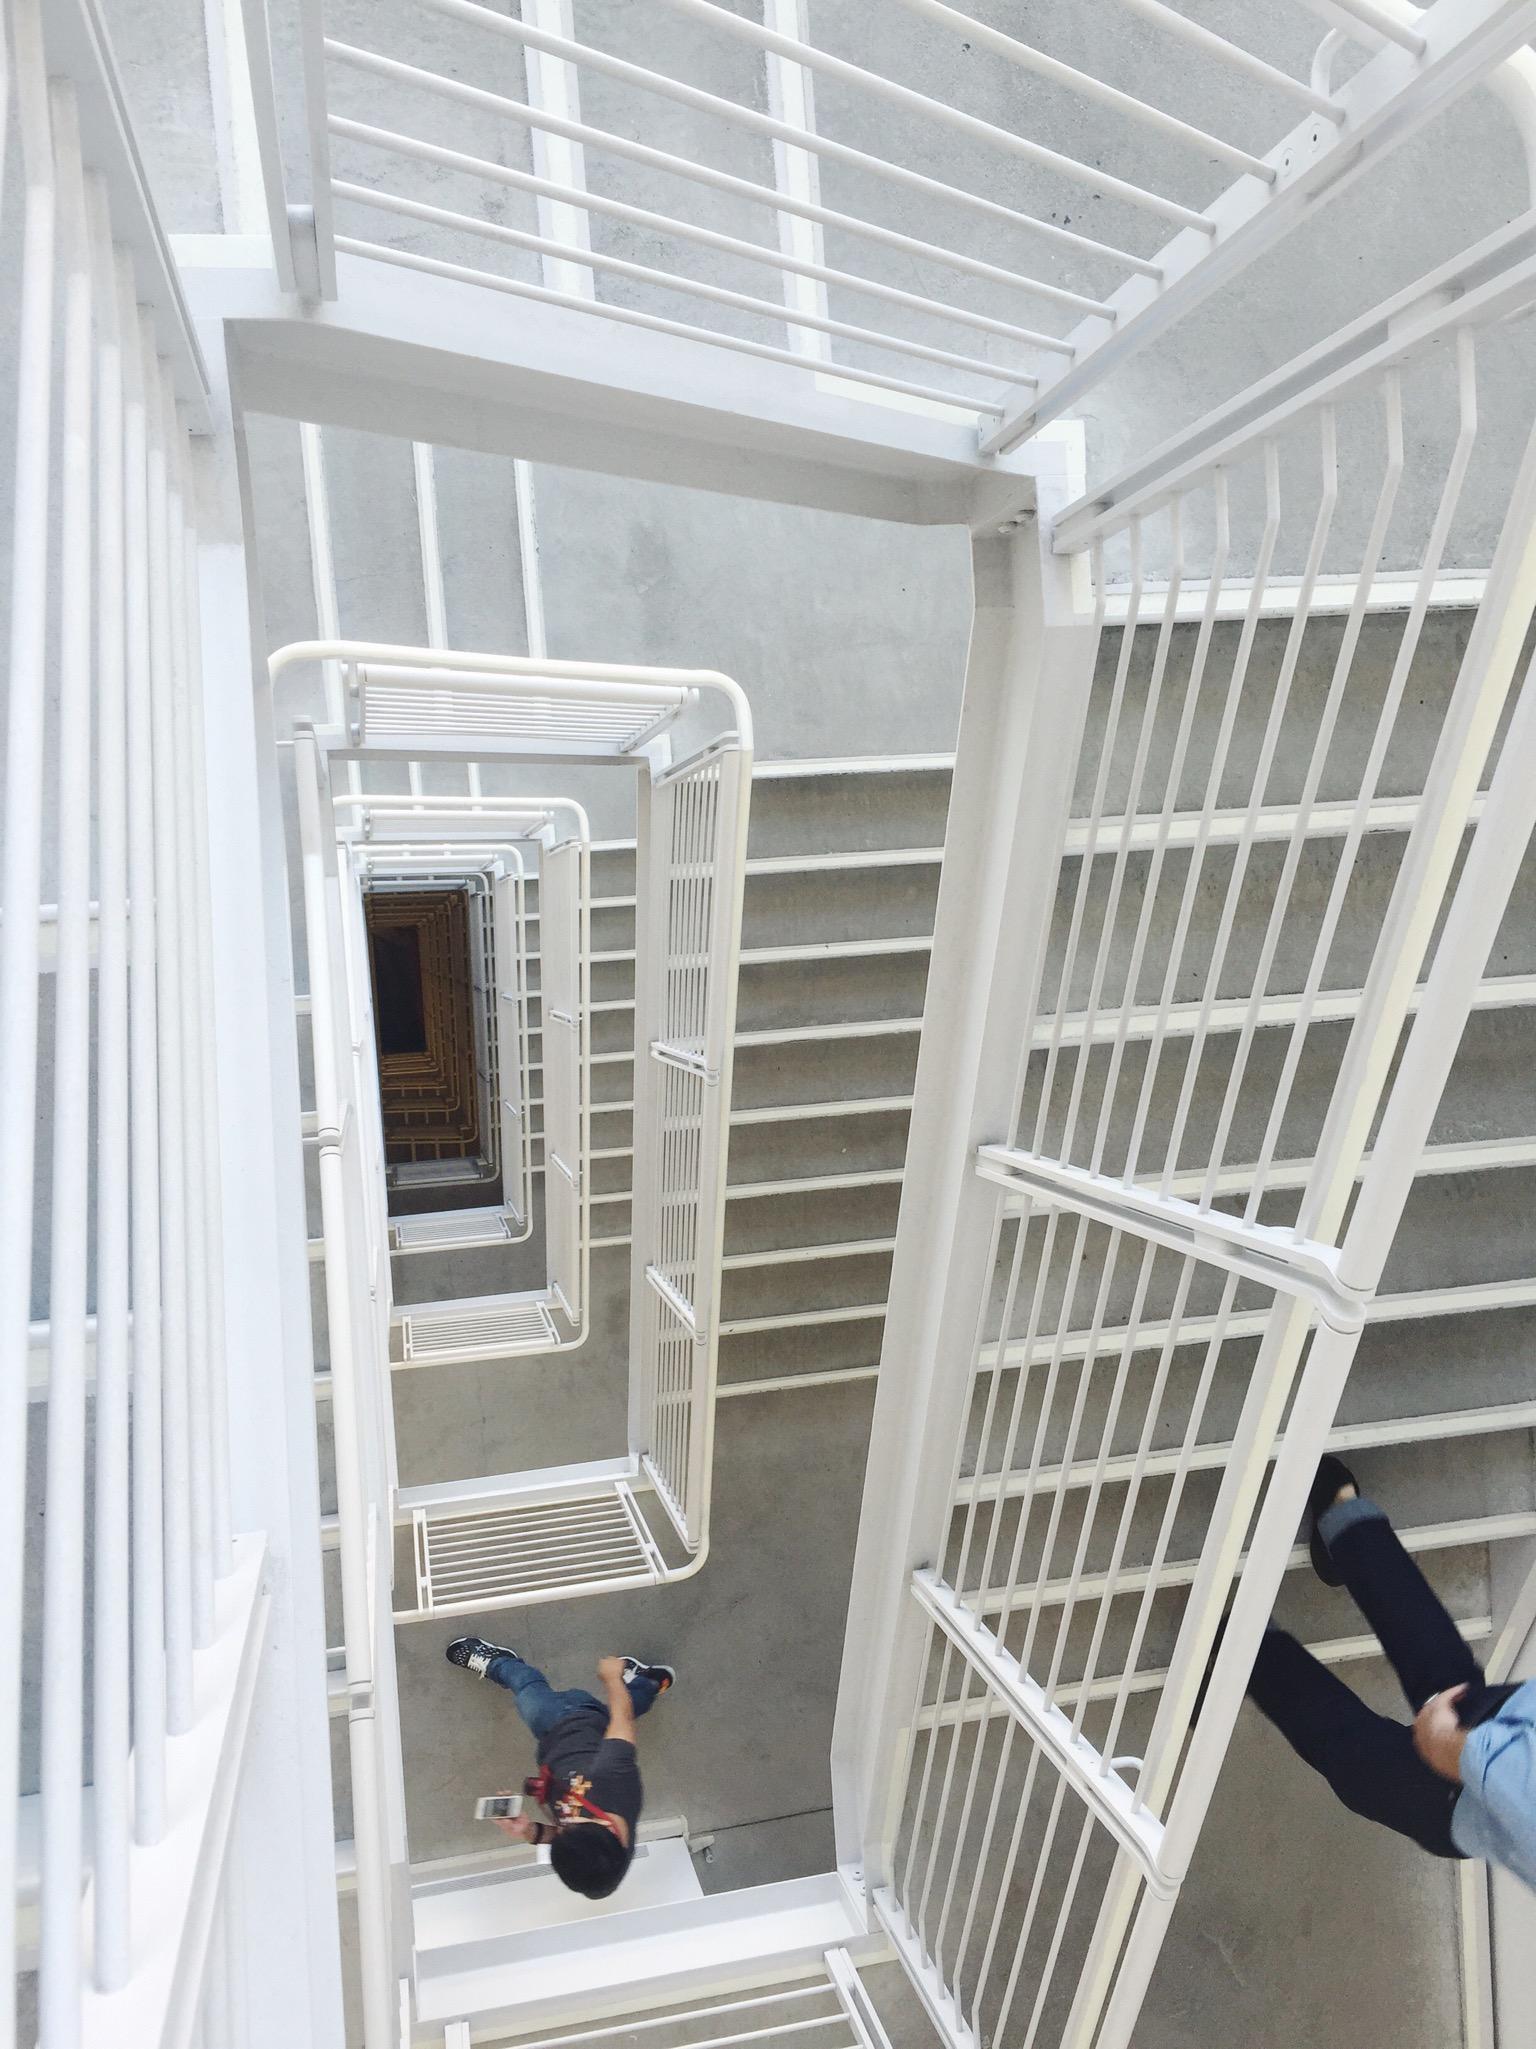 The Whitney's vertigo-inducing stairs